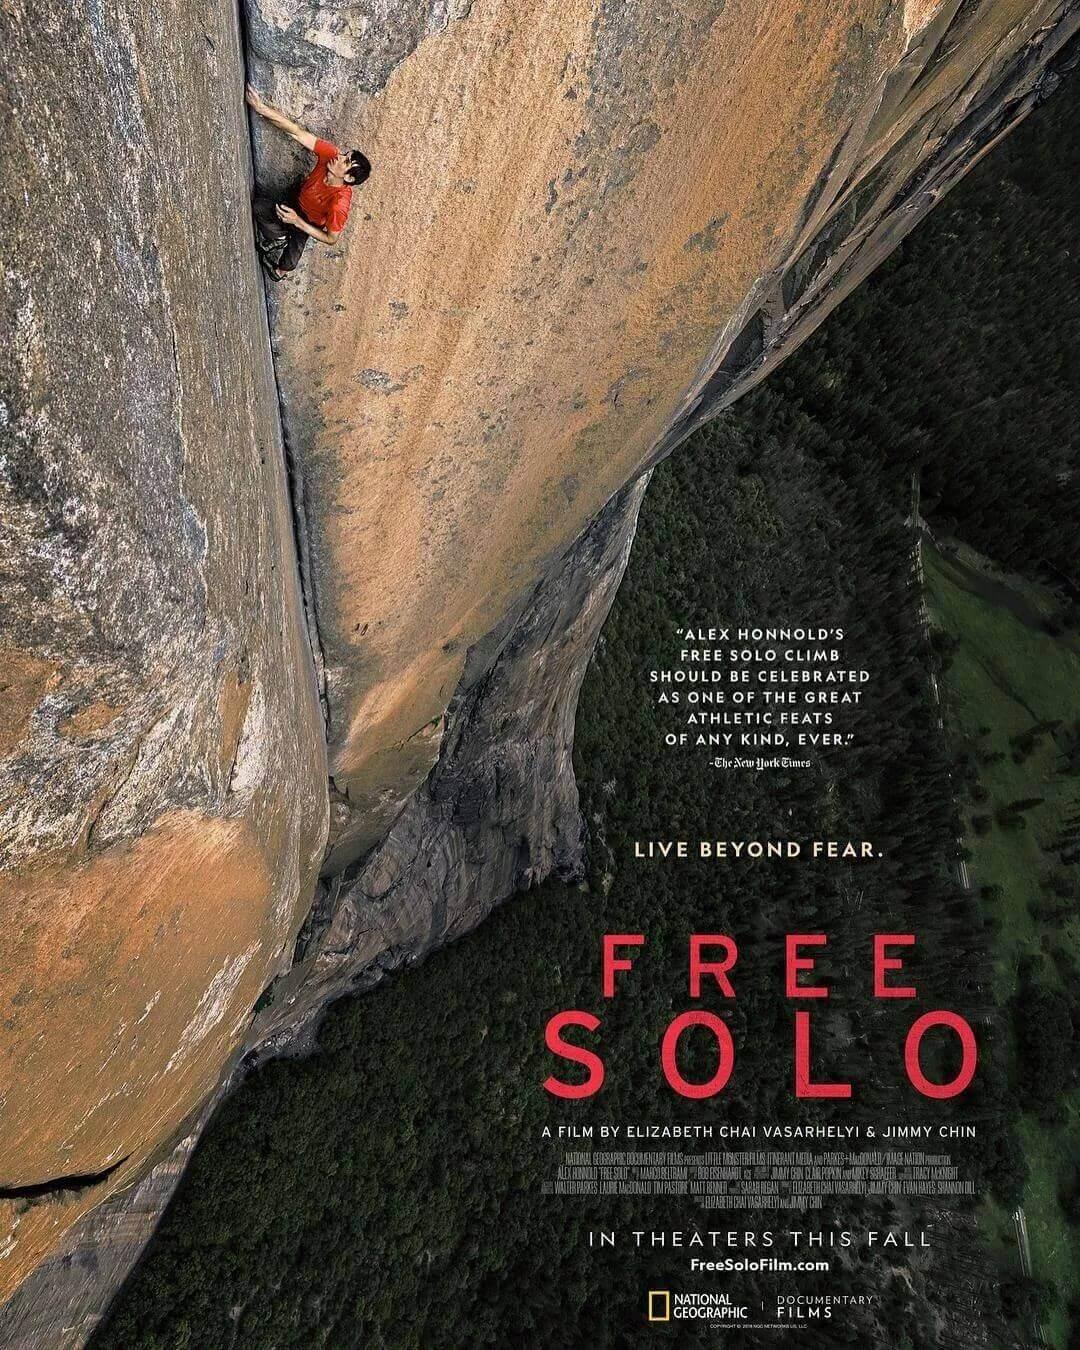 热门电影海报设计分享 好的电影配上高级的海报设计